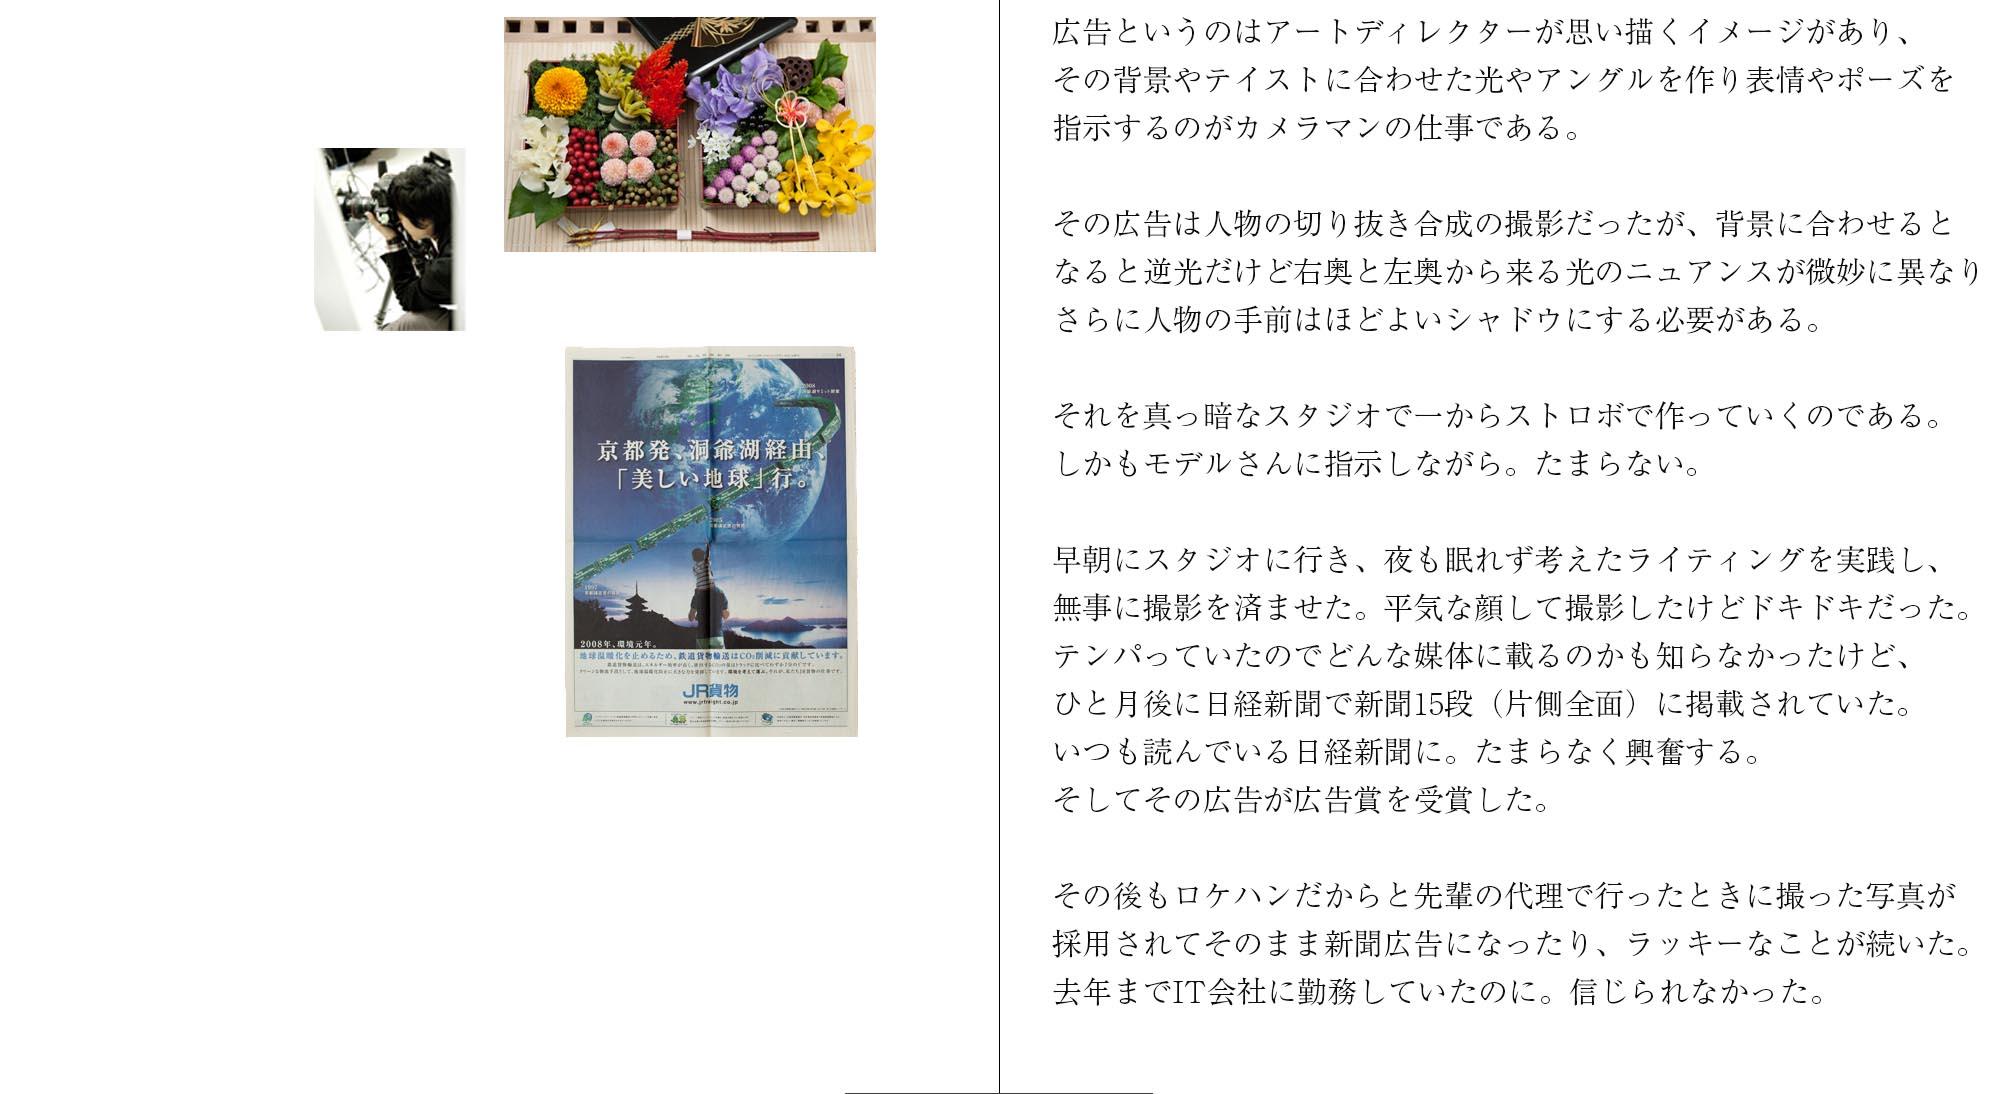 20131228_佐治秀保史_11